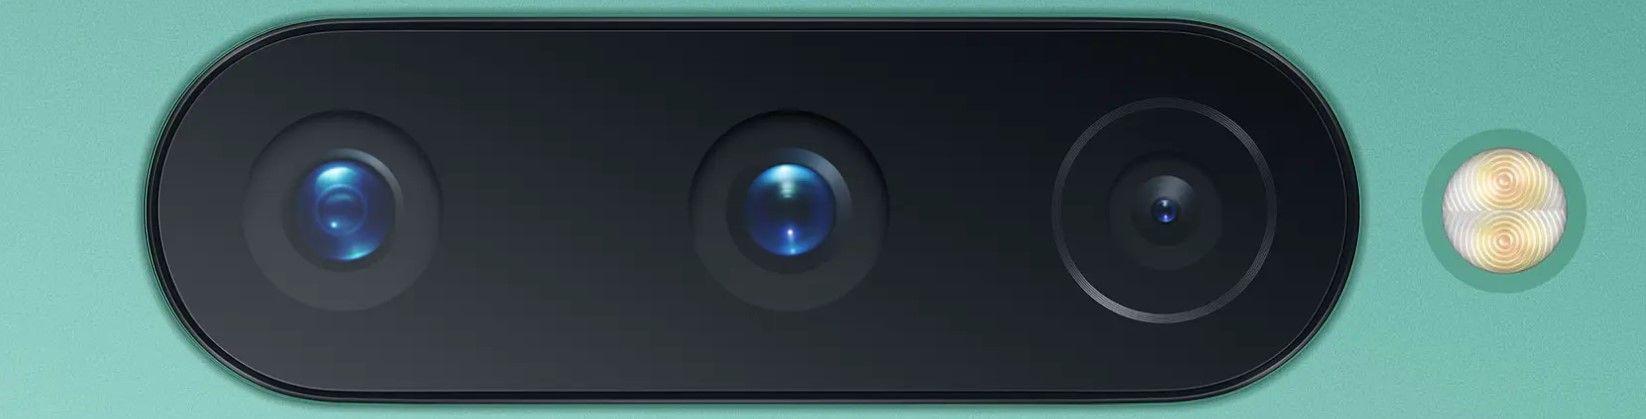 OnePlus 8 48 основная камера крупным планом